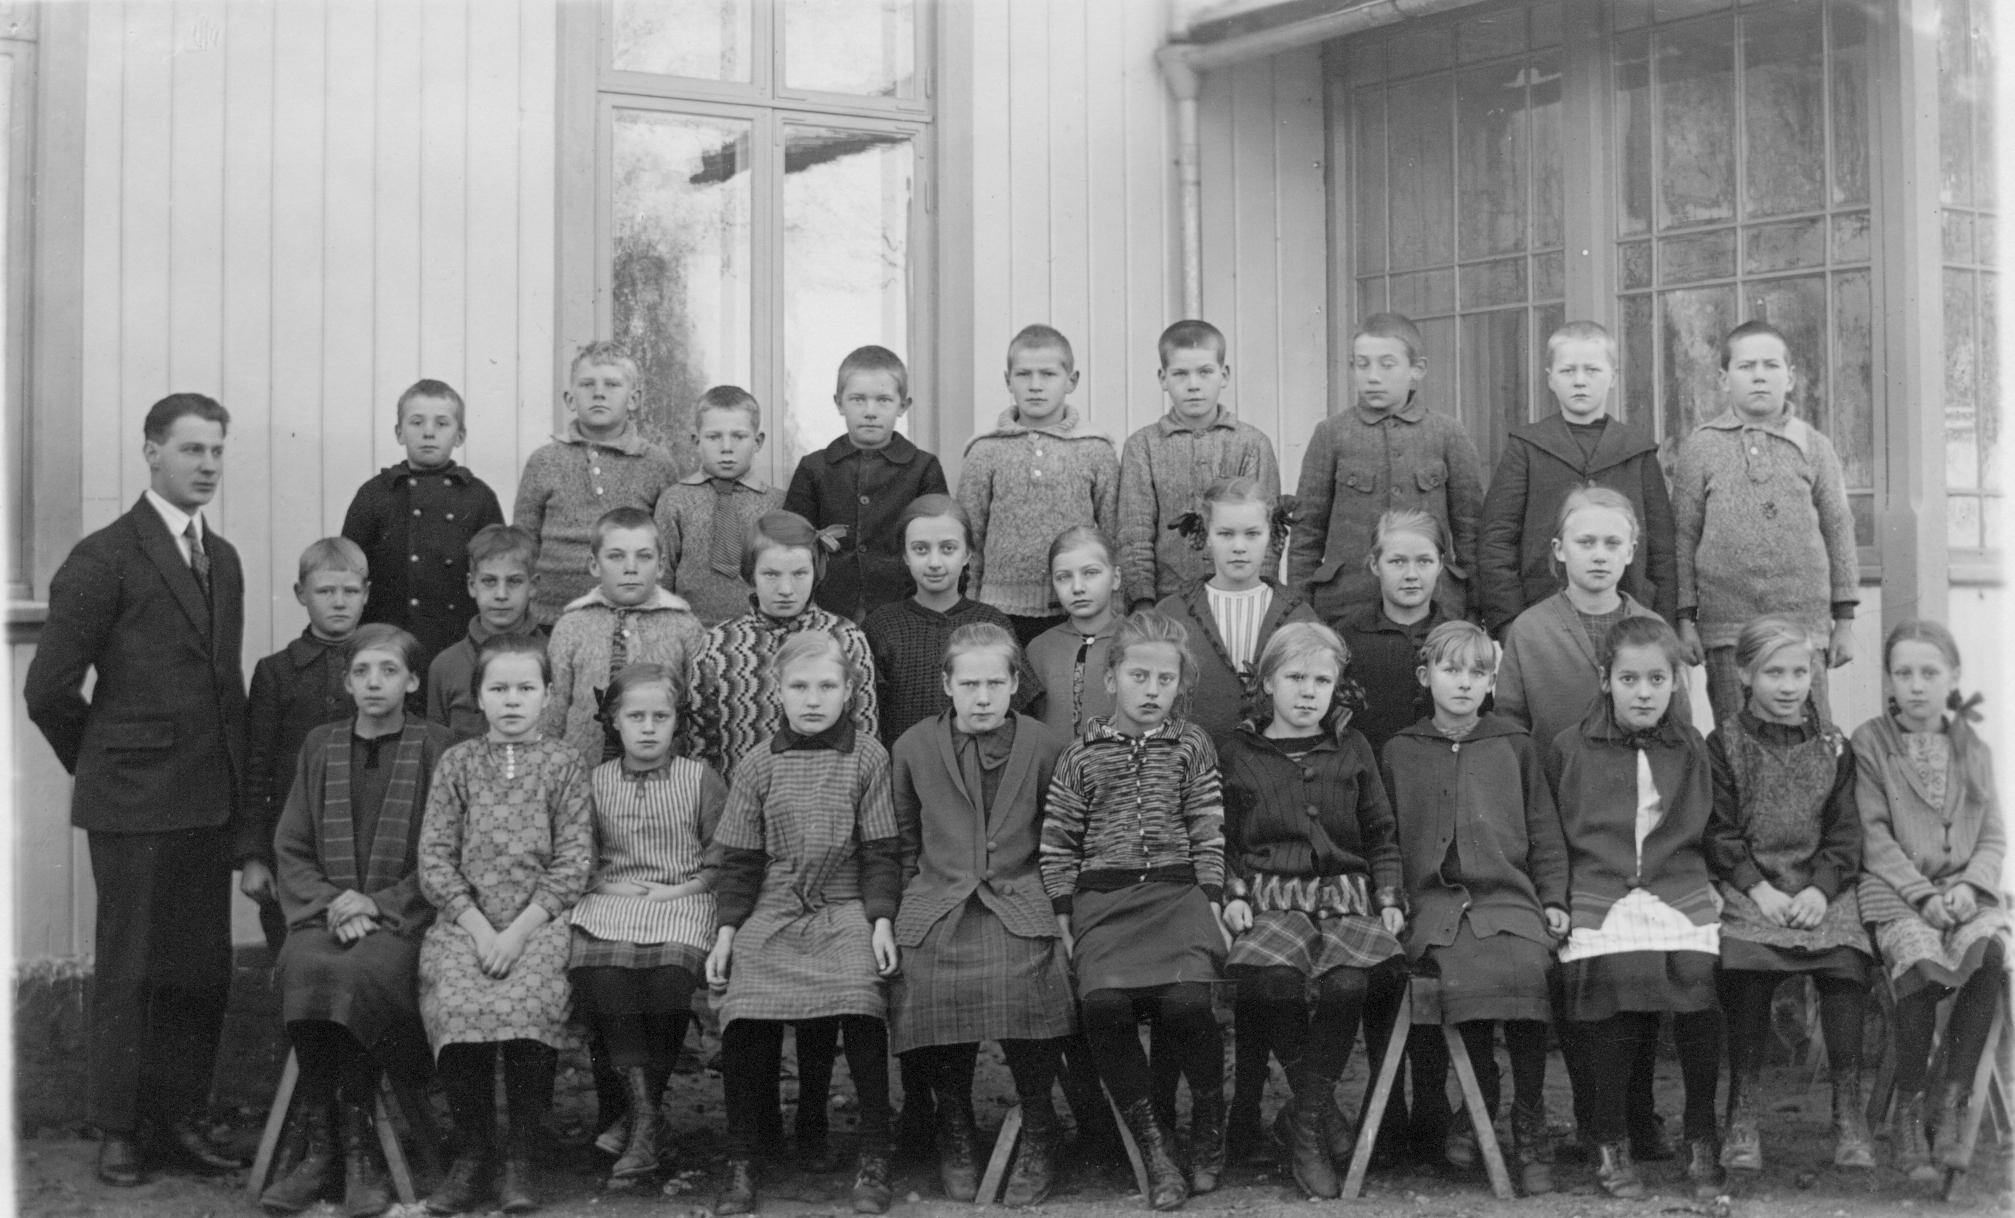 Säms skola 1926-1927, klass 3-6..., födda 1914-1917, bild